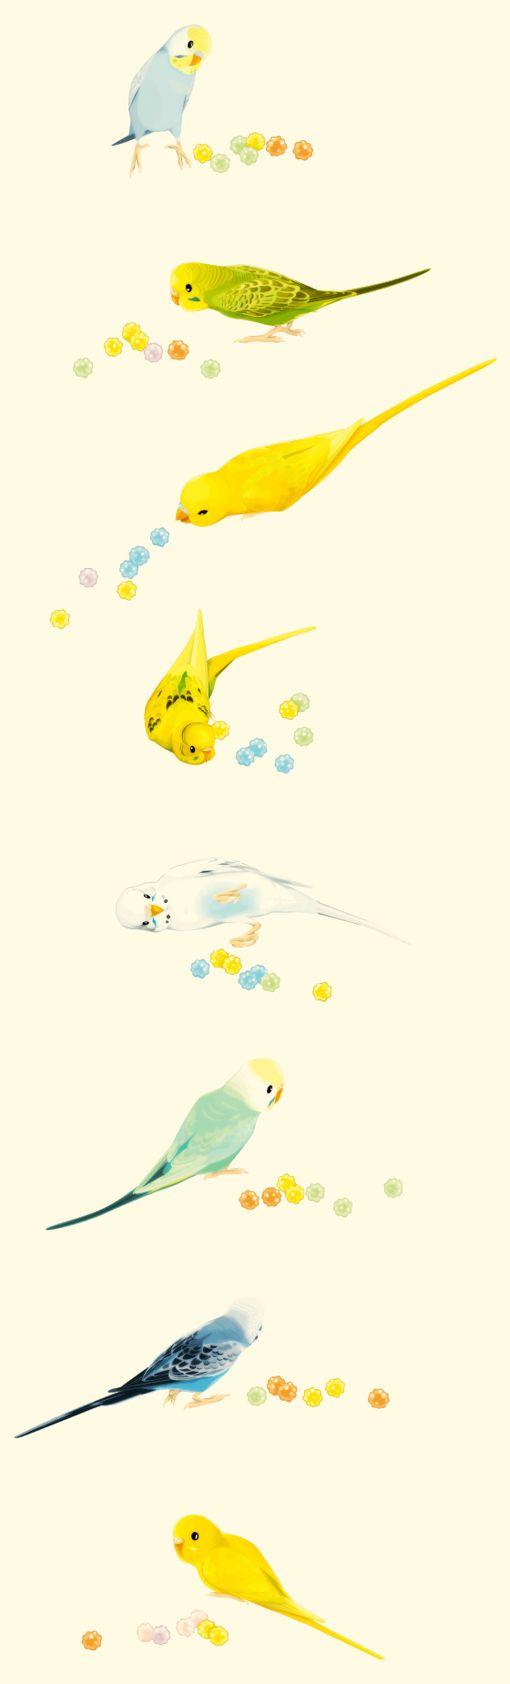 Cute Birds Art share cute things at www.sharecute.com